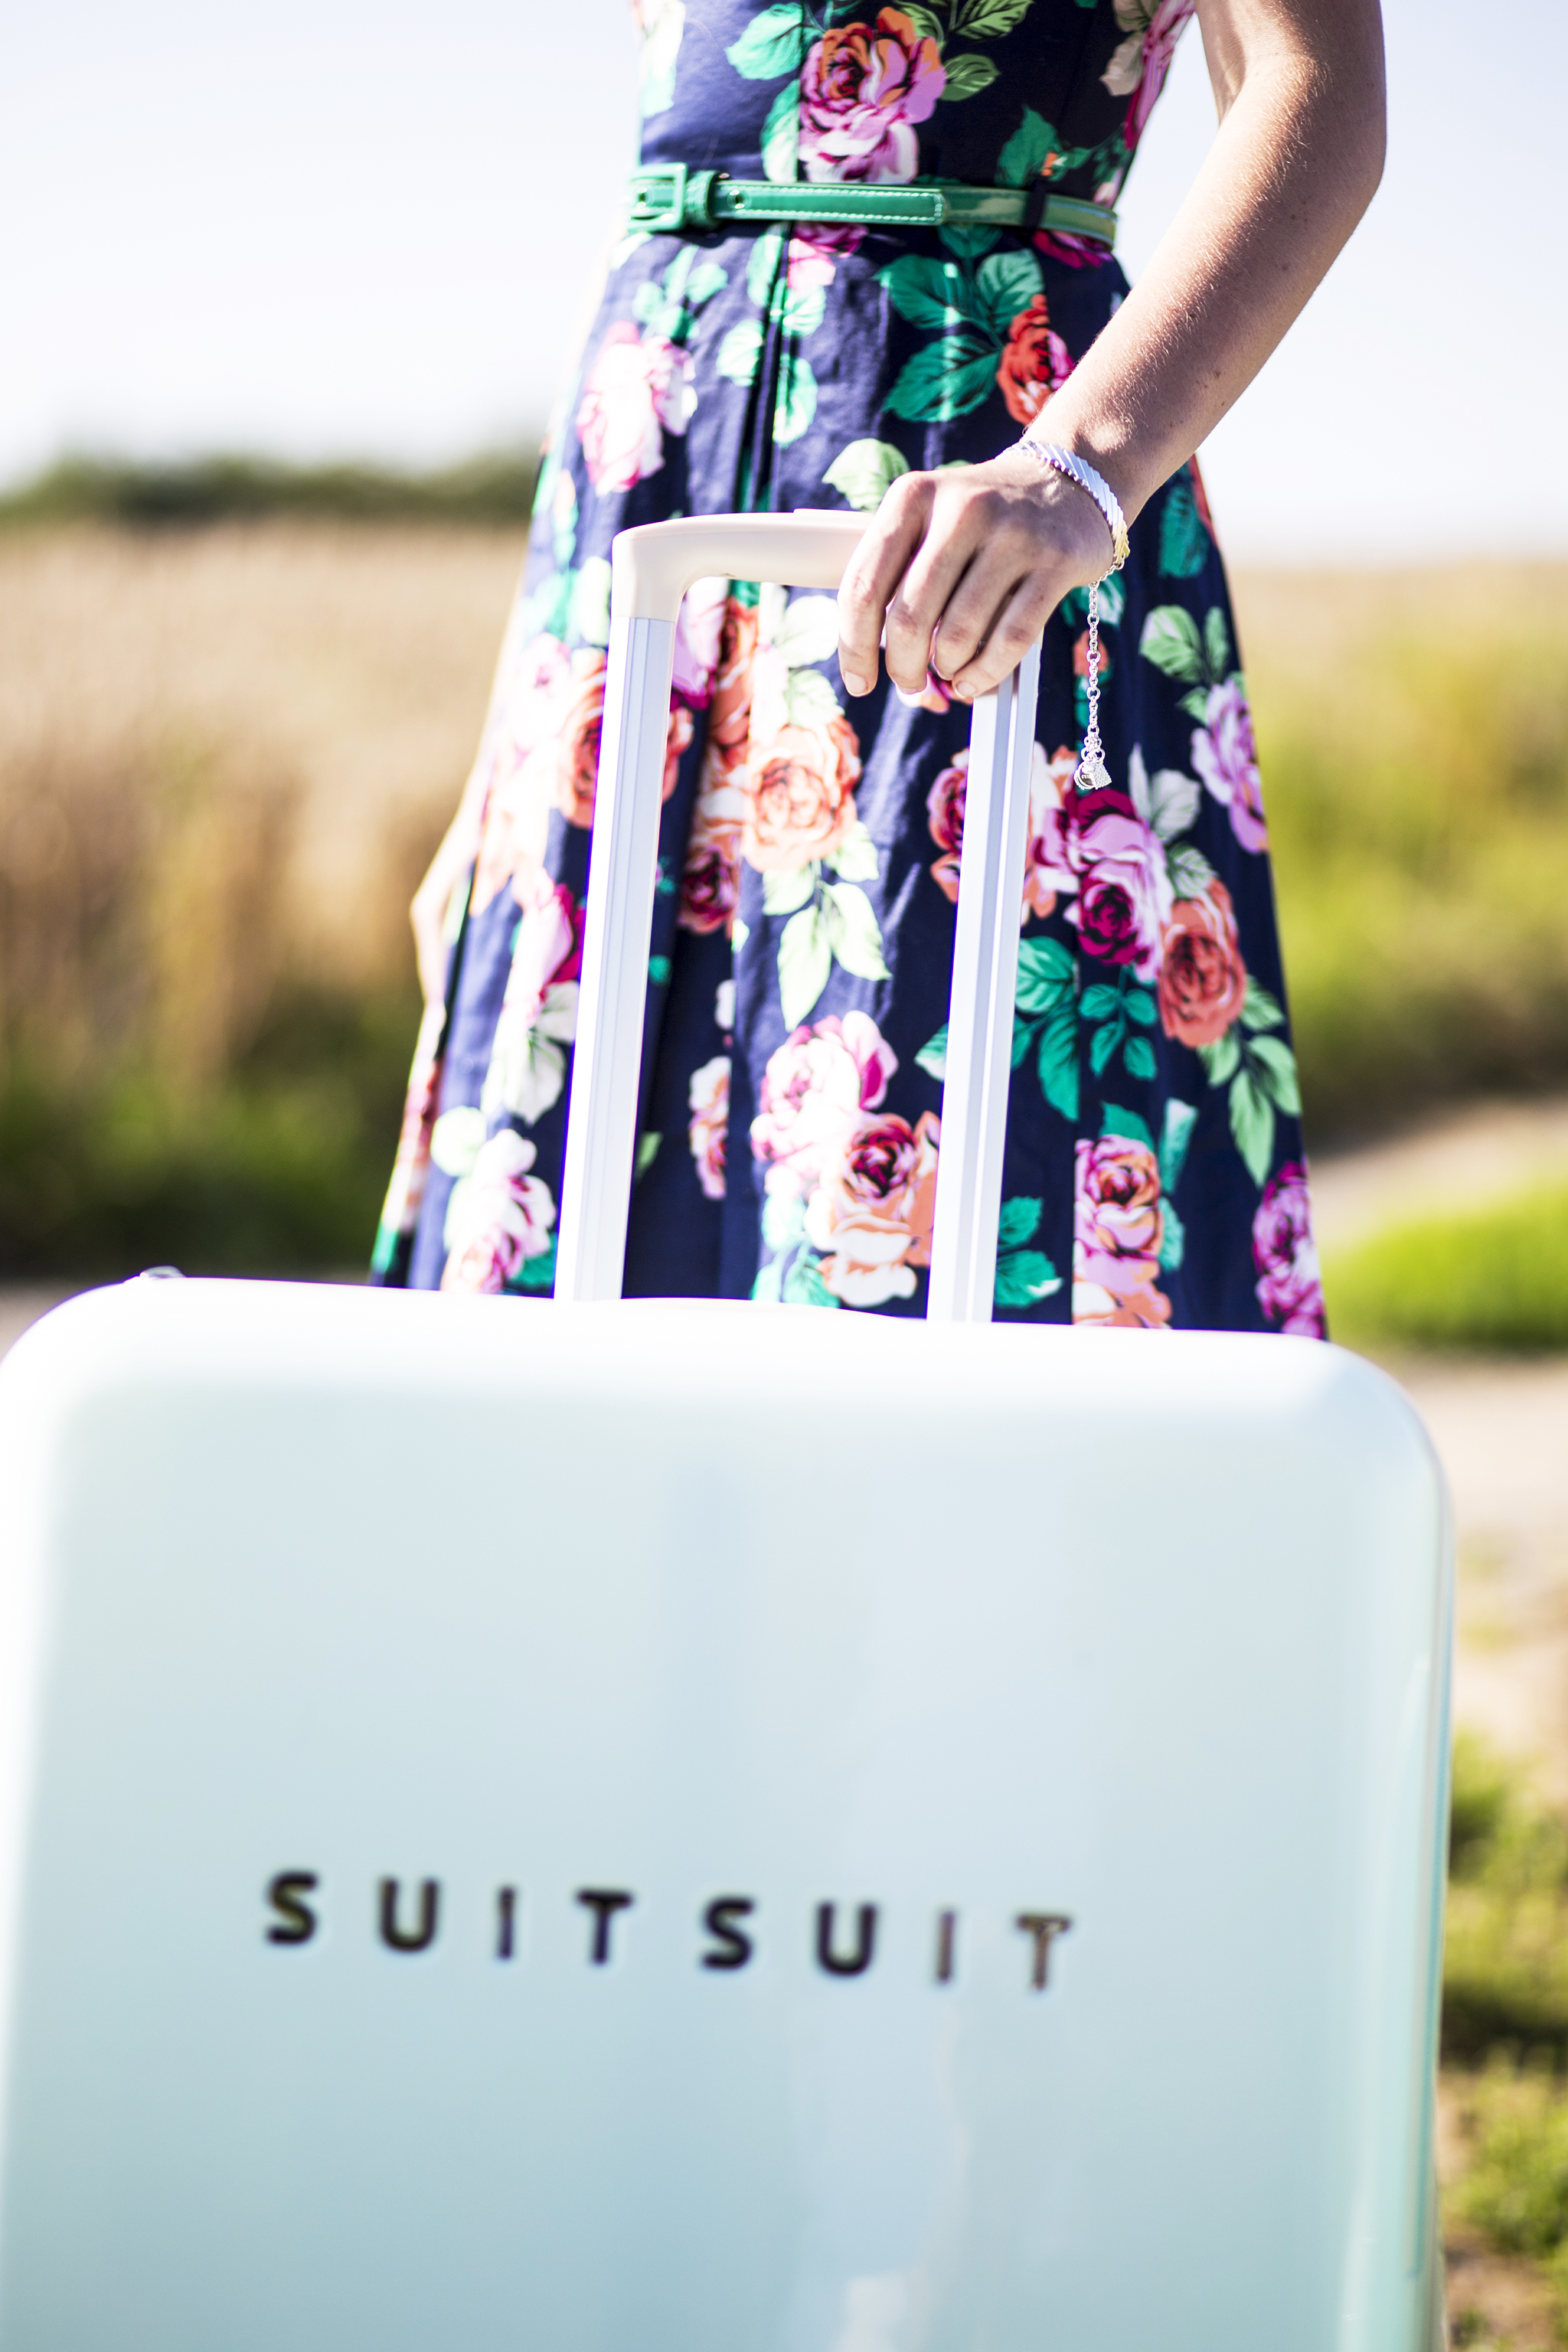 suitsuit_9